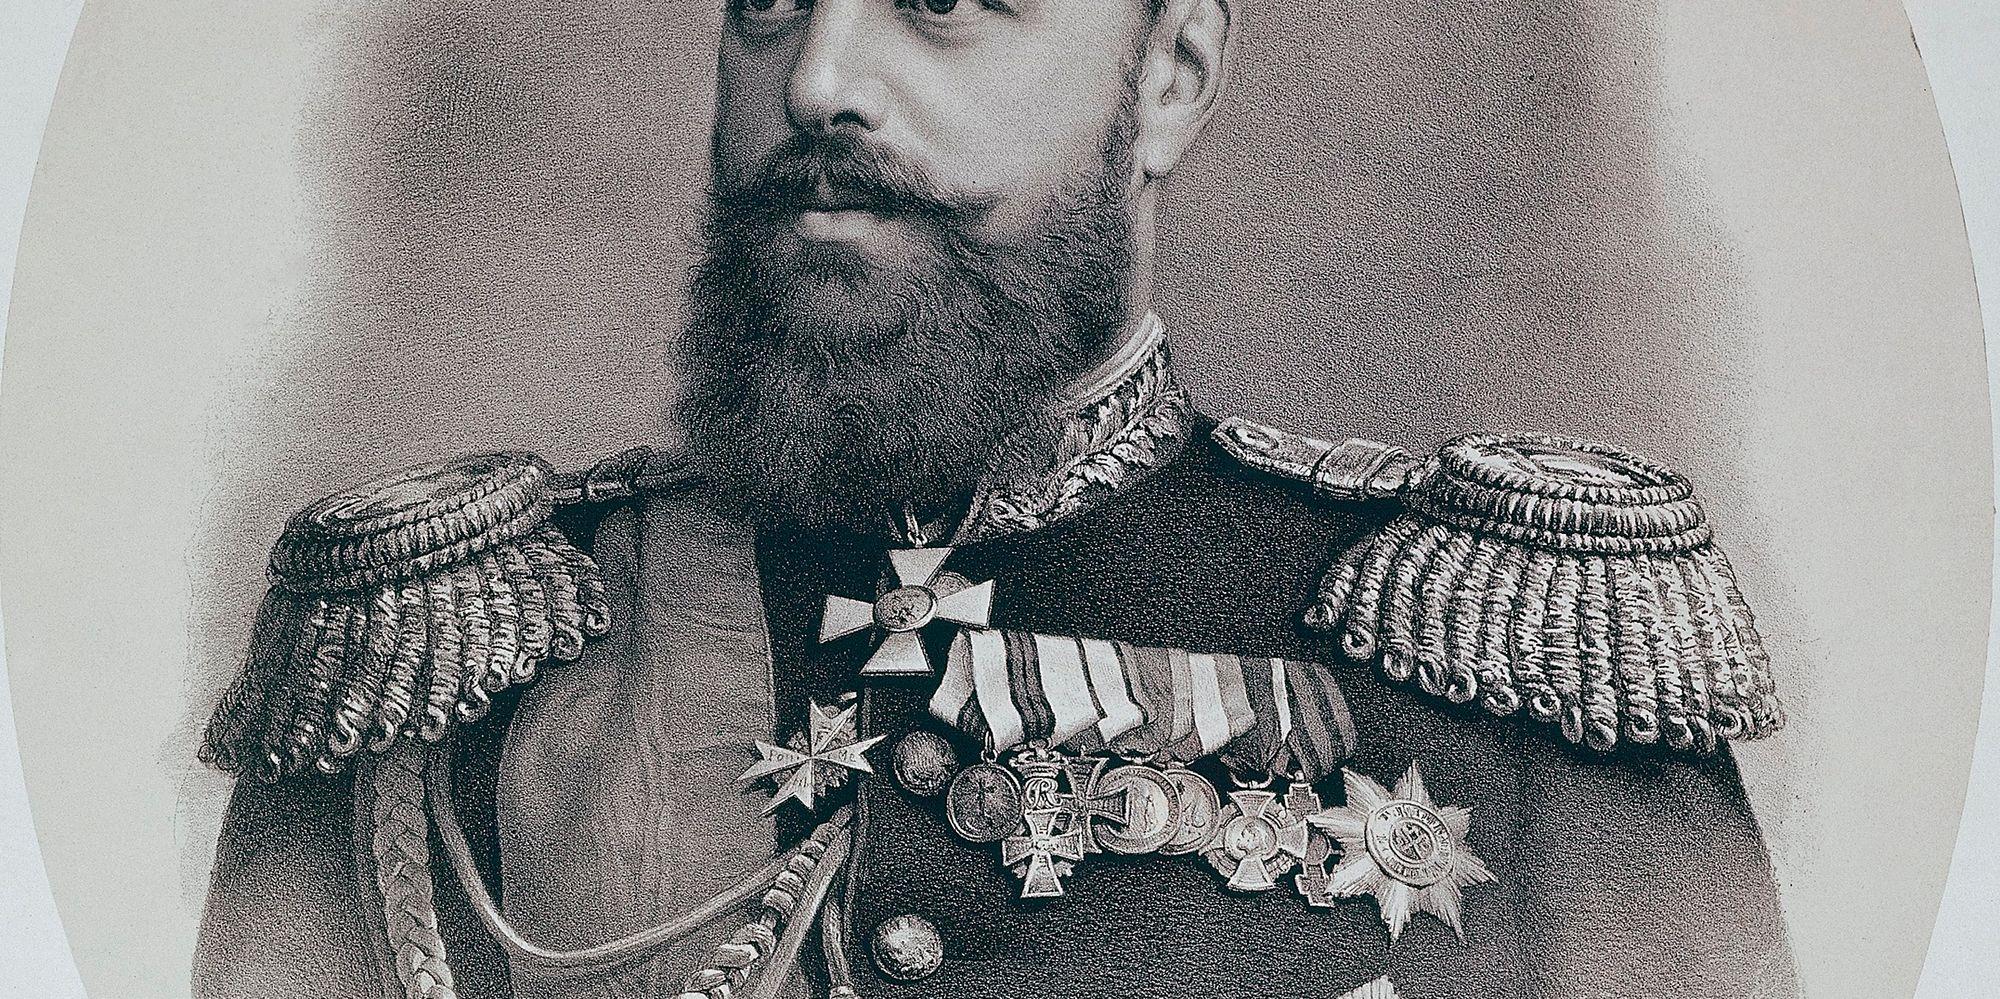 Царь монархия monarru жизнь вечная вера православная